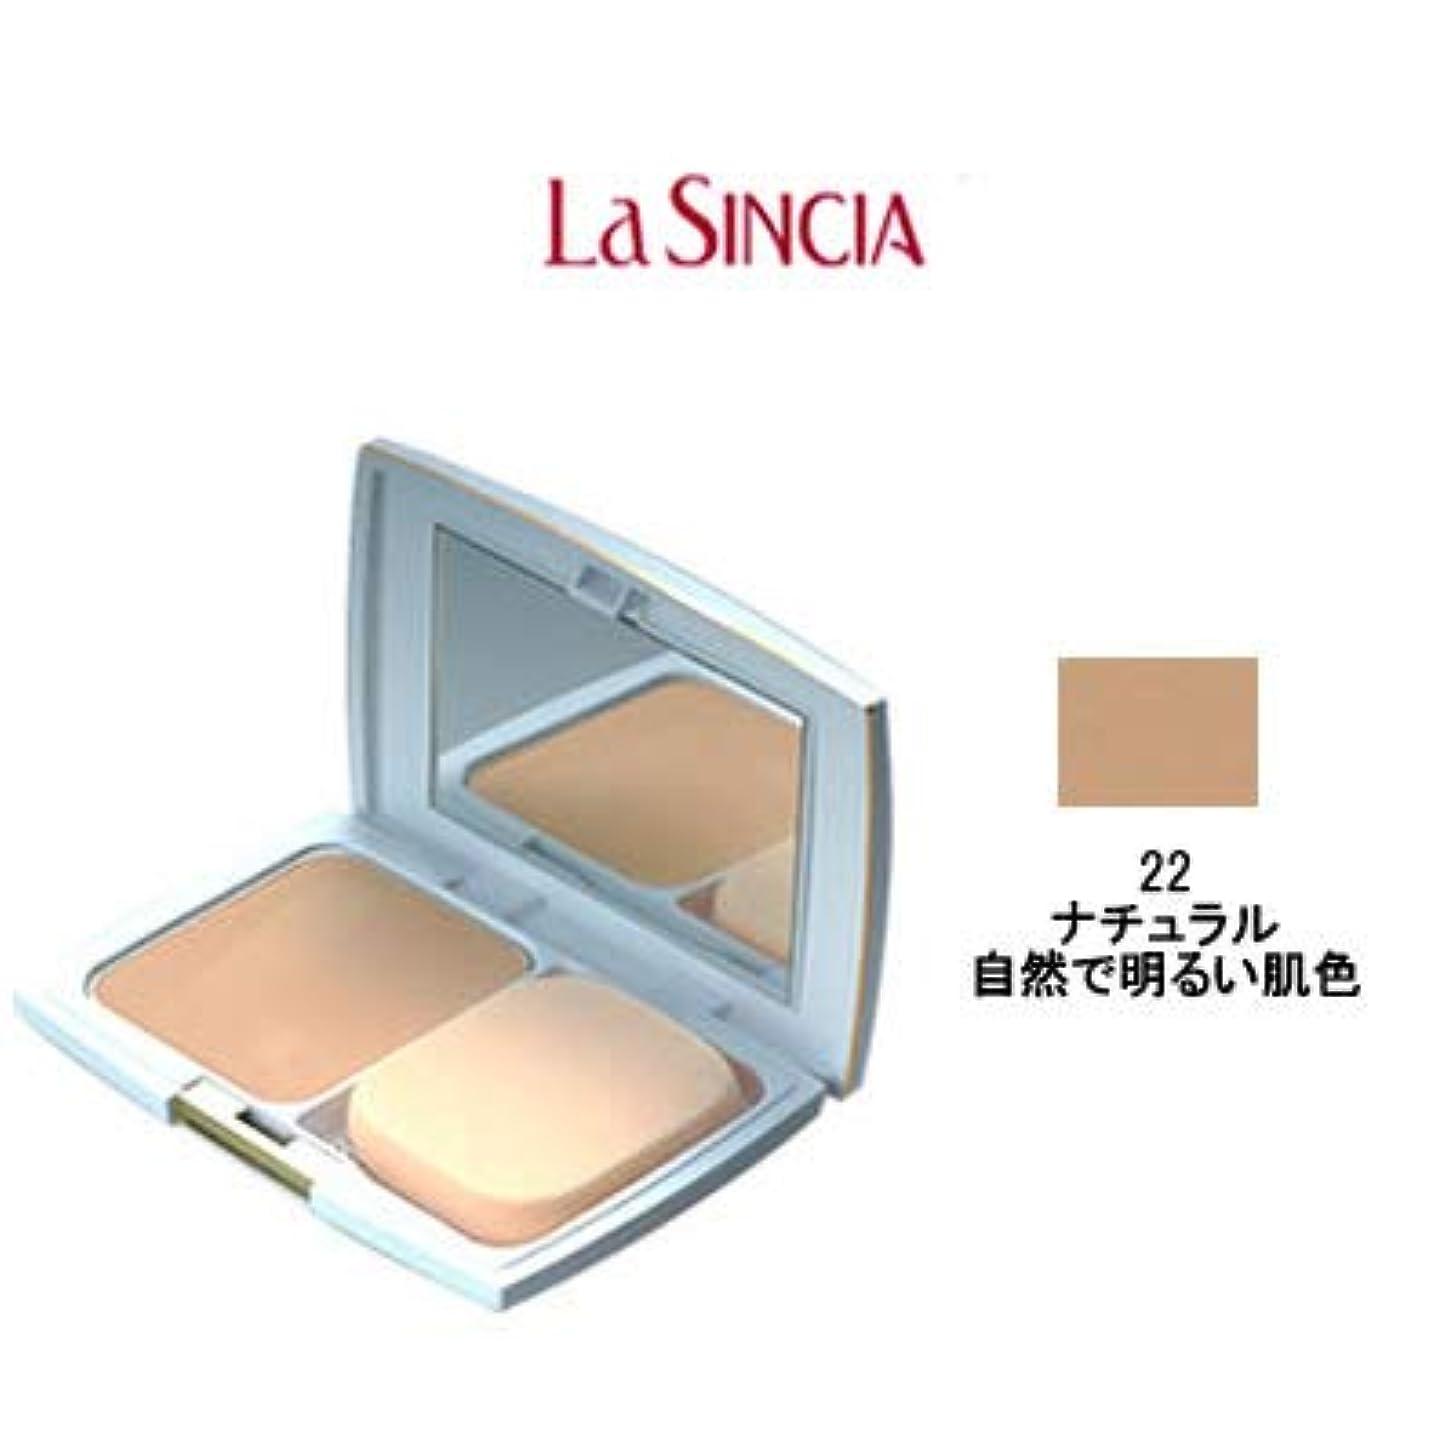 案件絶対の魂ラシンシア パウダリーパクトUV レフィル 22 ナチュラル 自然で明るい肌色